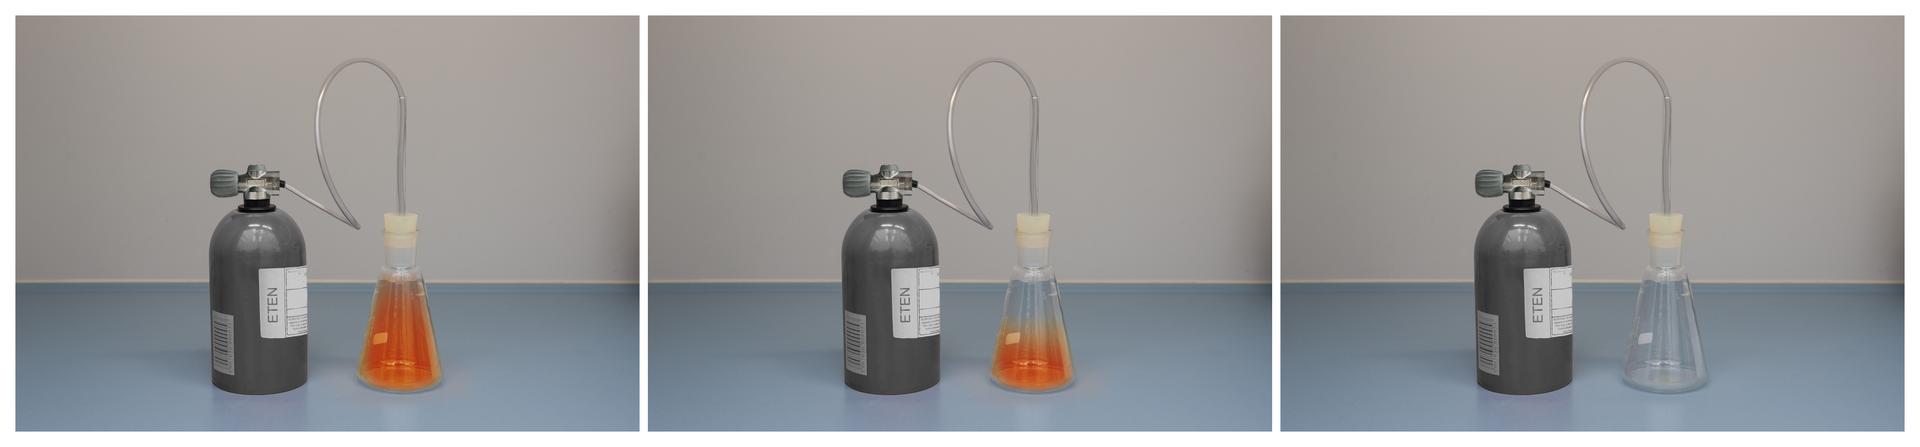 Zdjęcie: butla zetenem, wkolbie stożkowej zamiast cylindra miarowego brom. Trzecie zdjęcie zcałkowitym odbarwieniem.